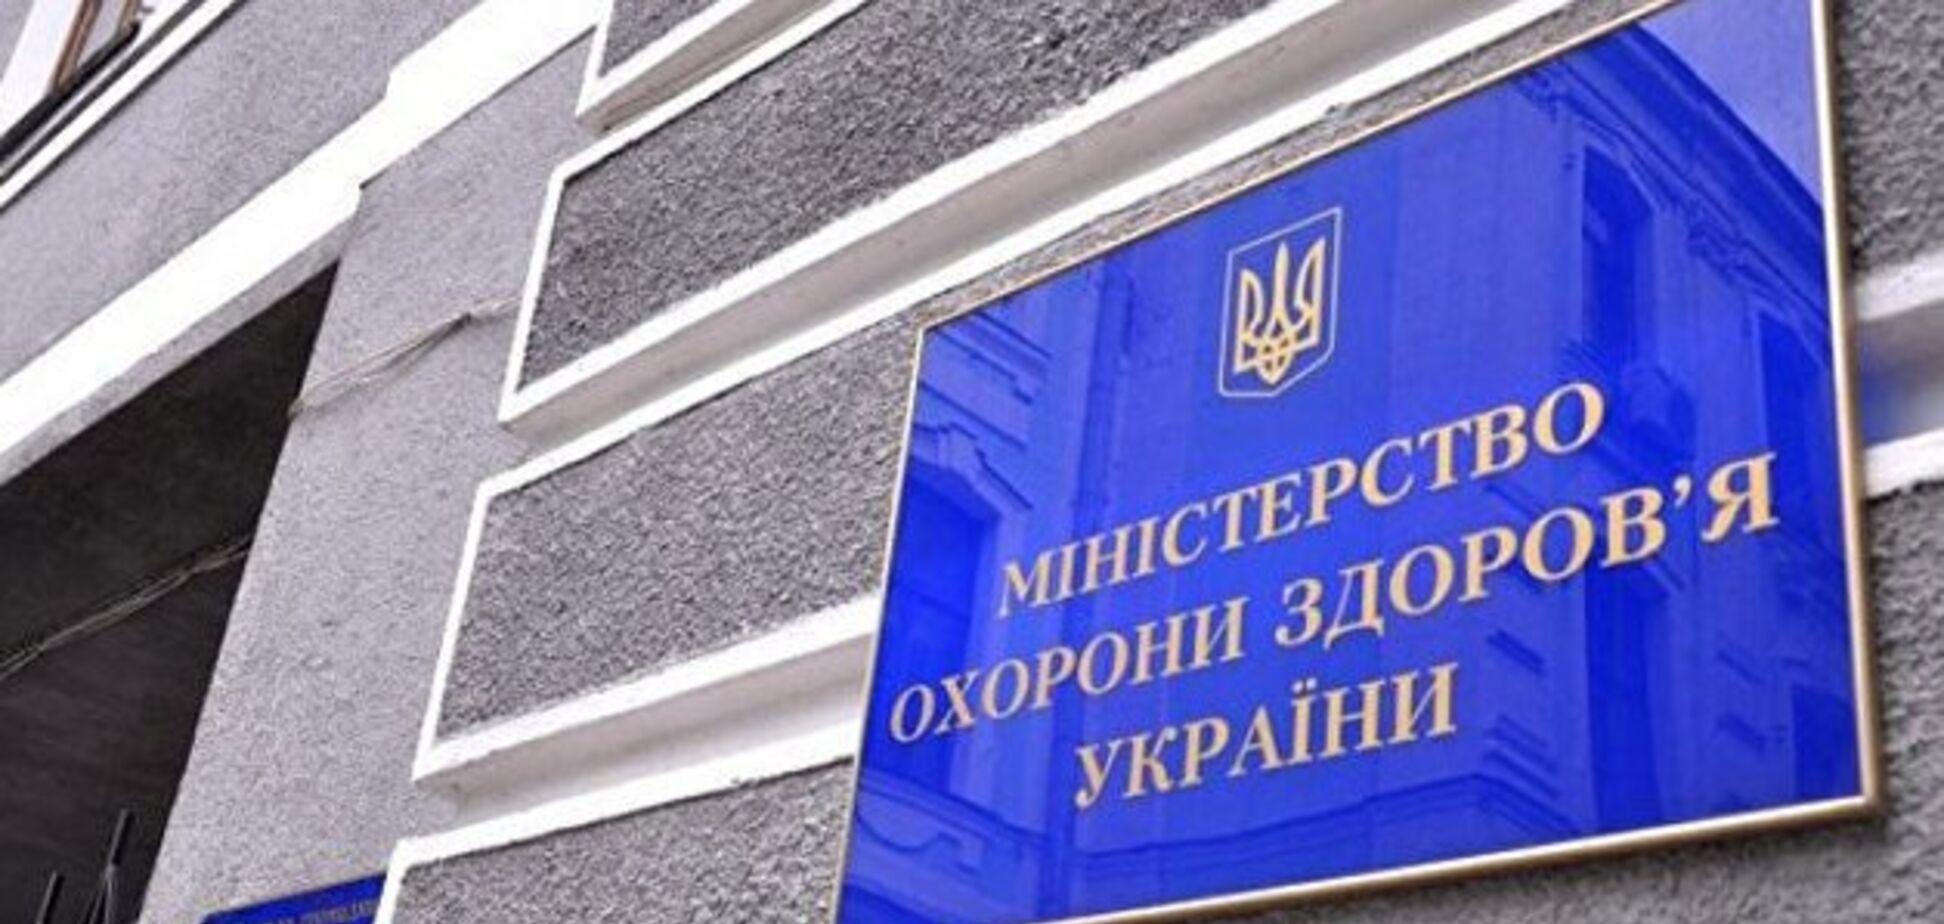 Коломойский назвал нового главу Минздрава: тот сделал заявление